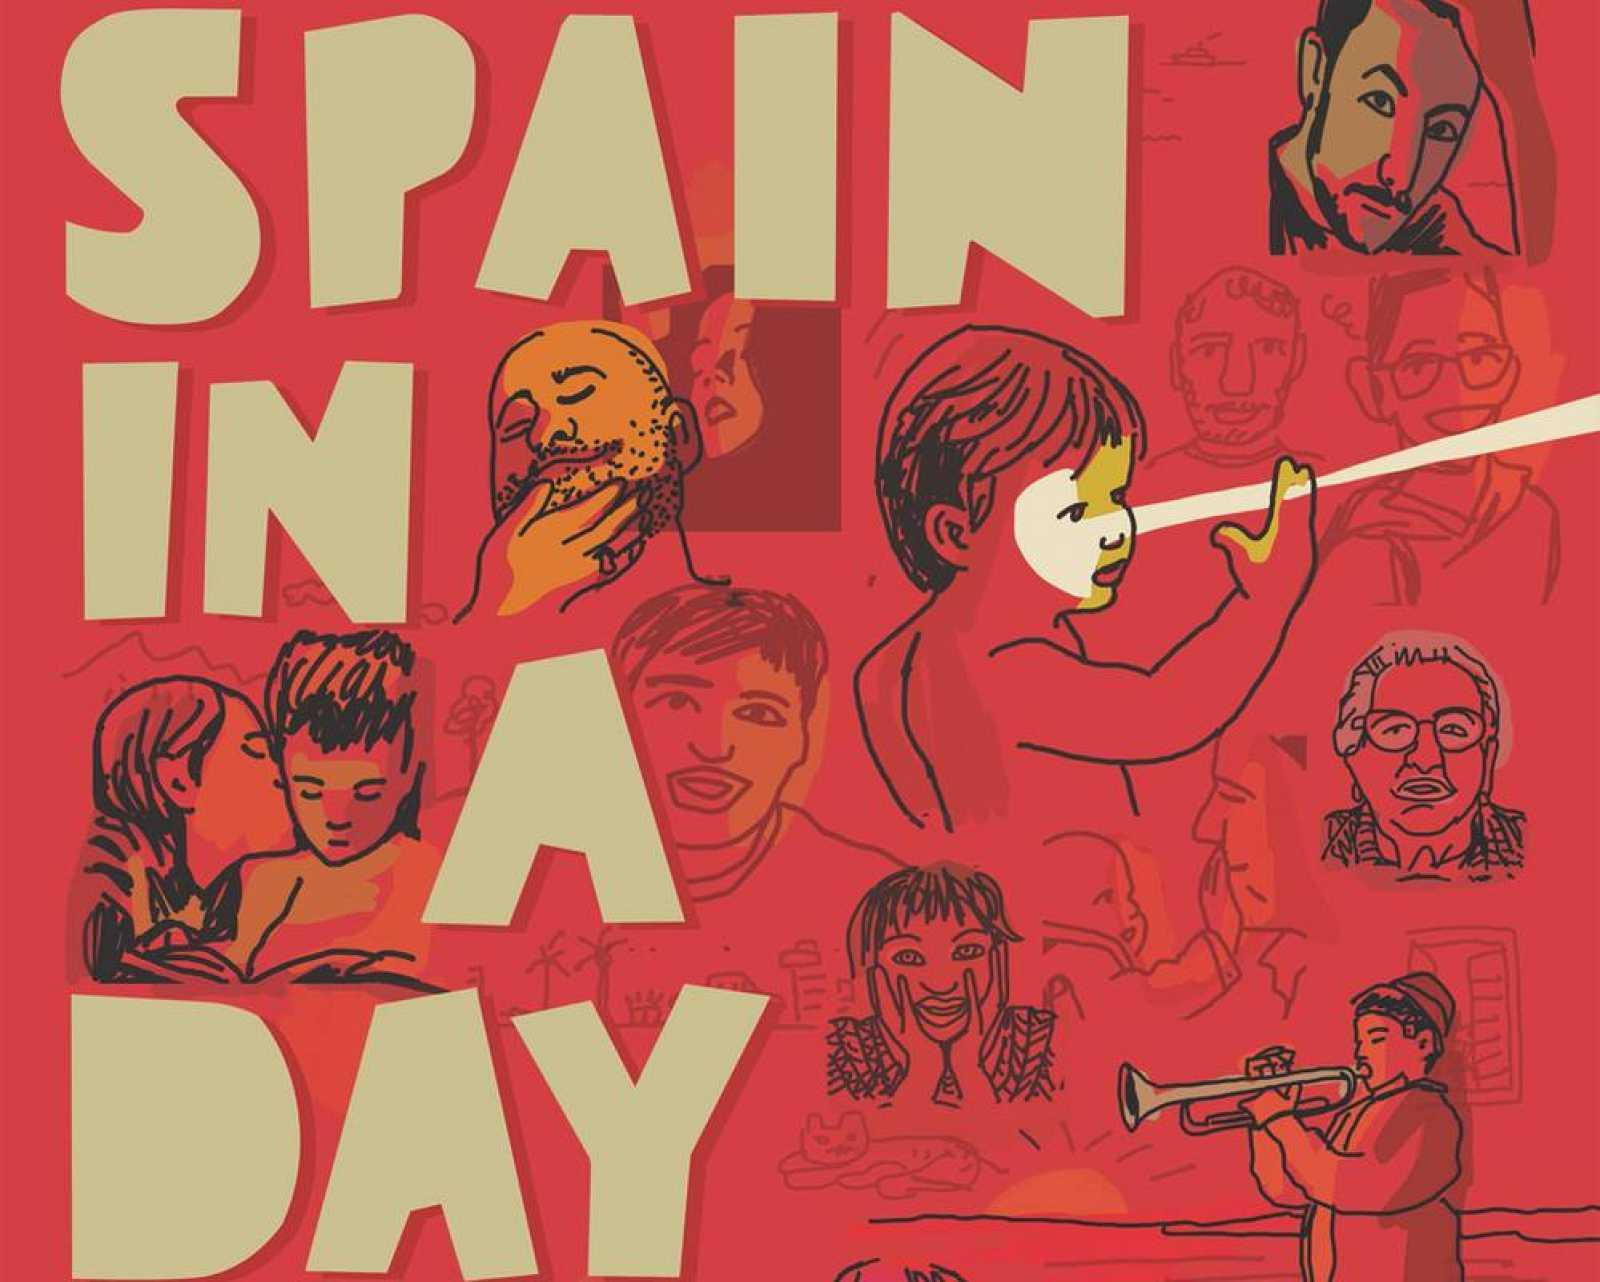 Cartel de 'Spain in a day' de Javier Mariscal